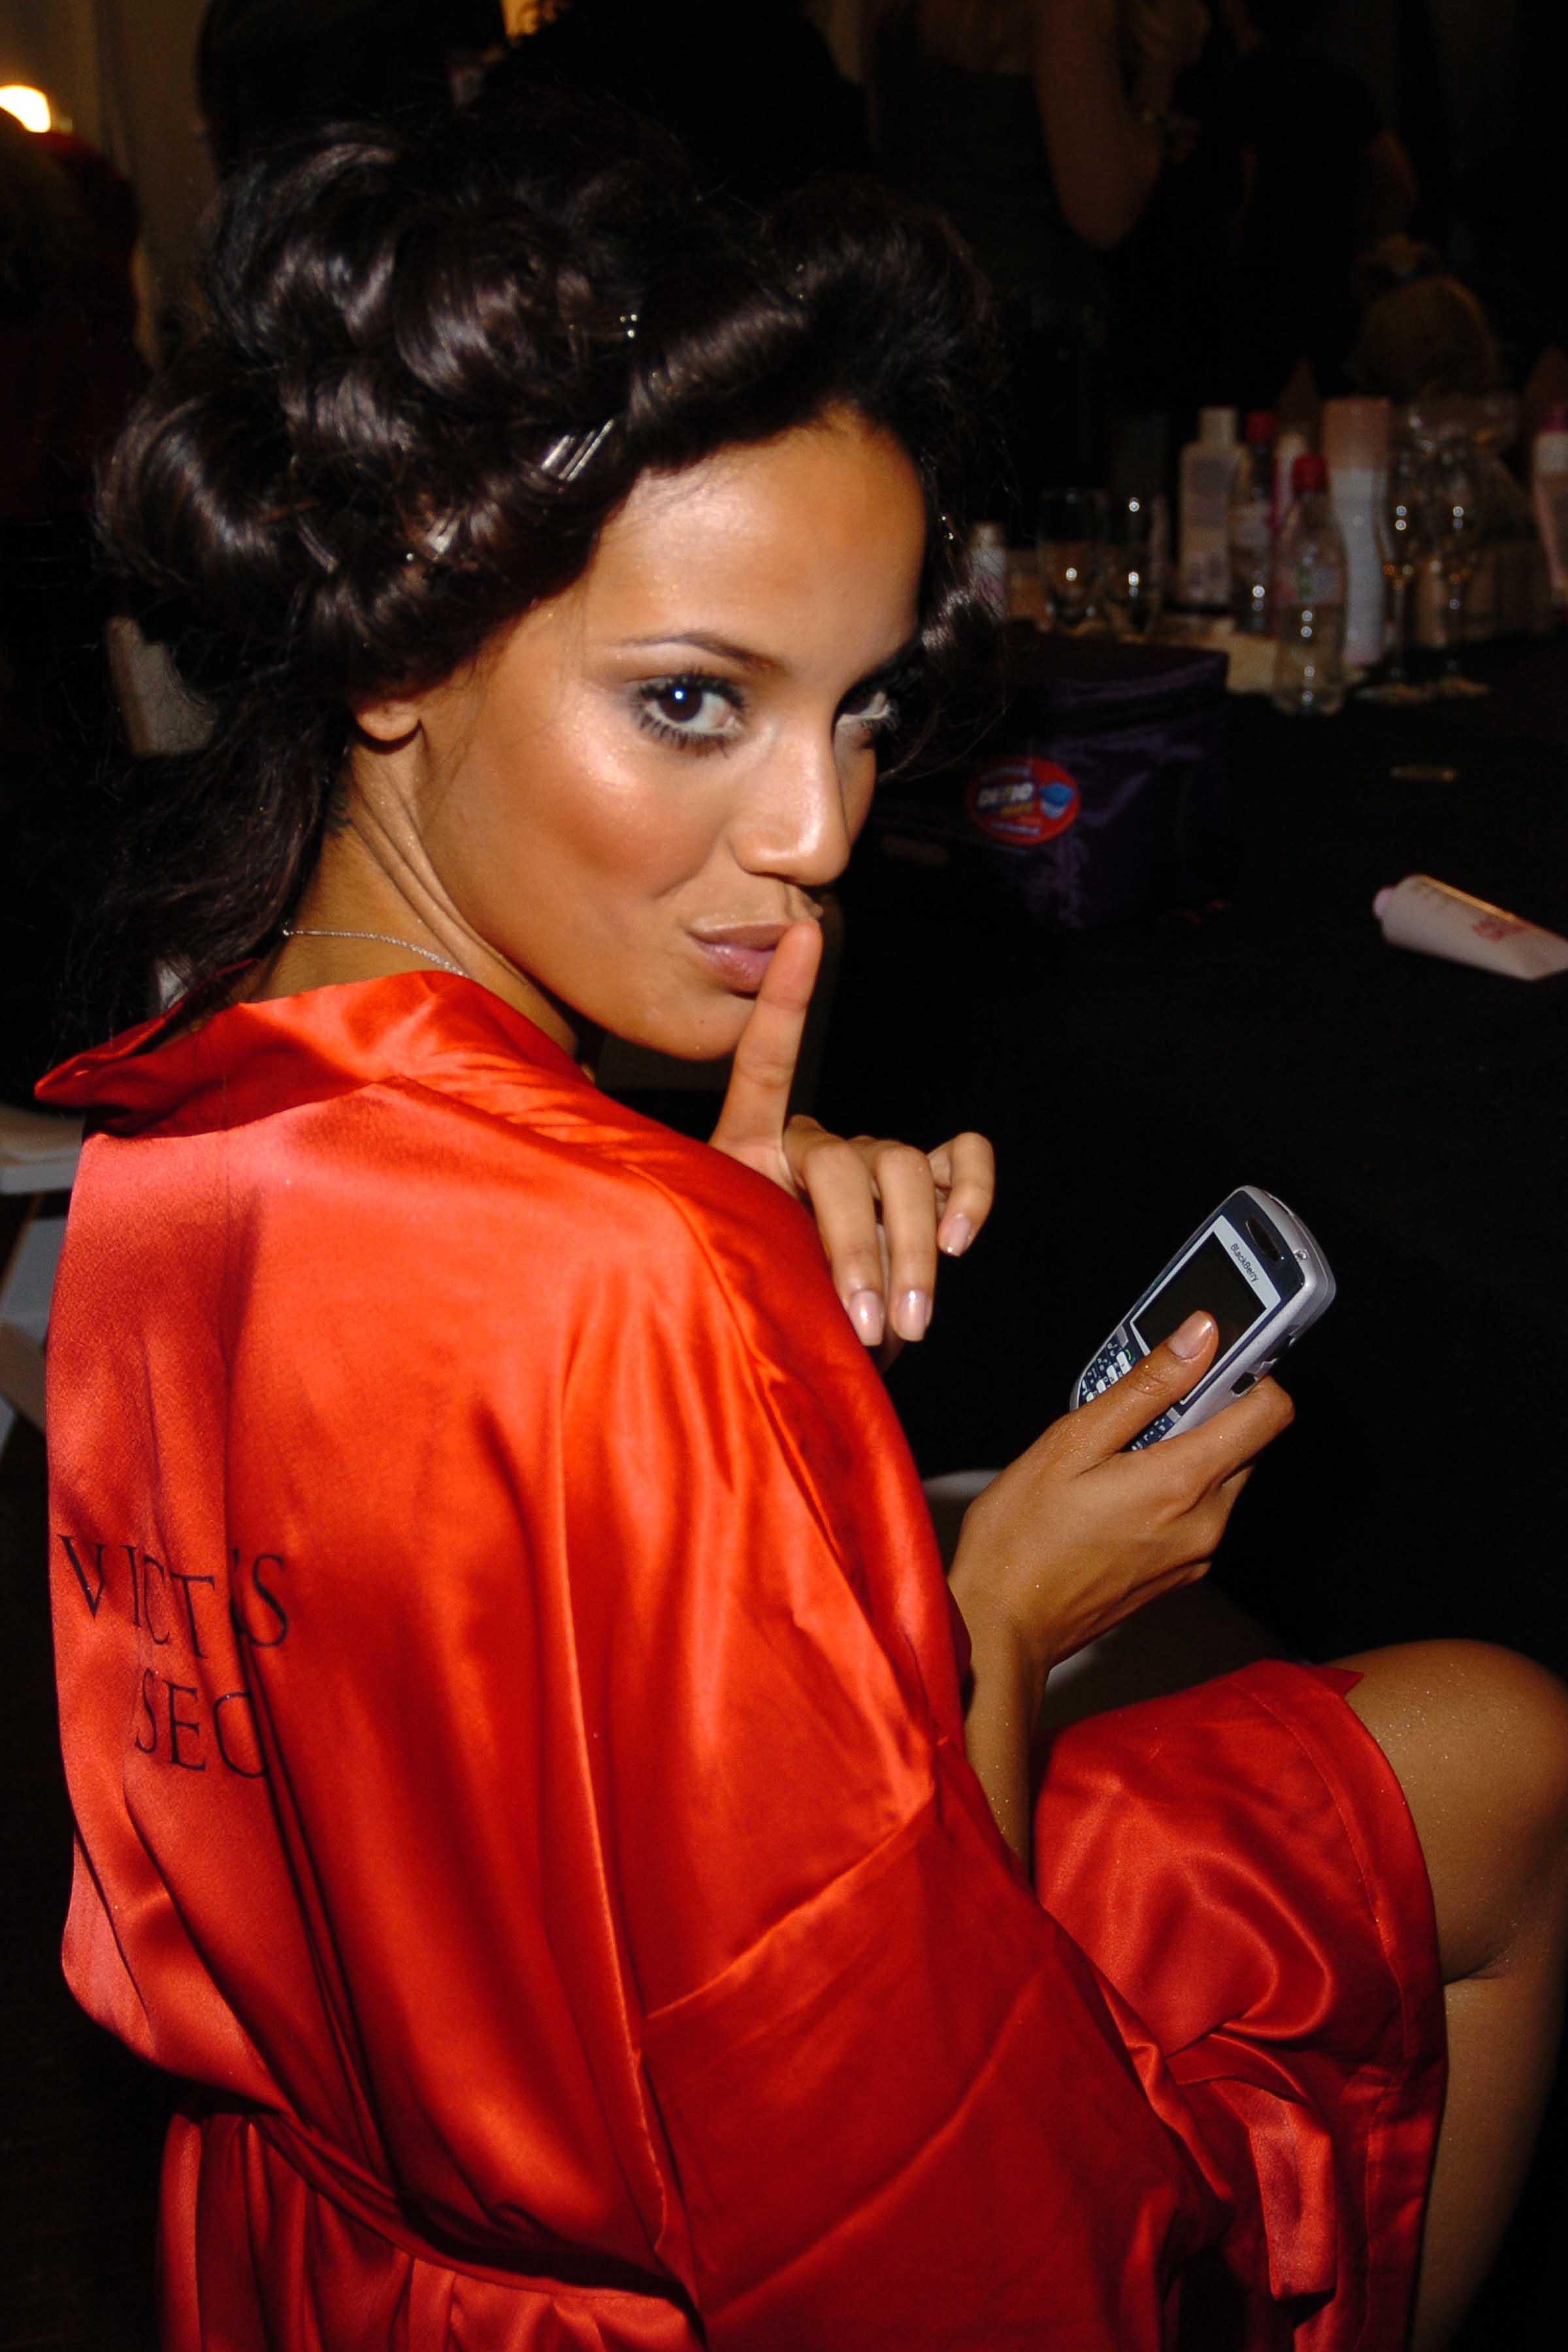 Selita Ebanks - Fashion Supermodels - The Fashion eZine